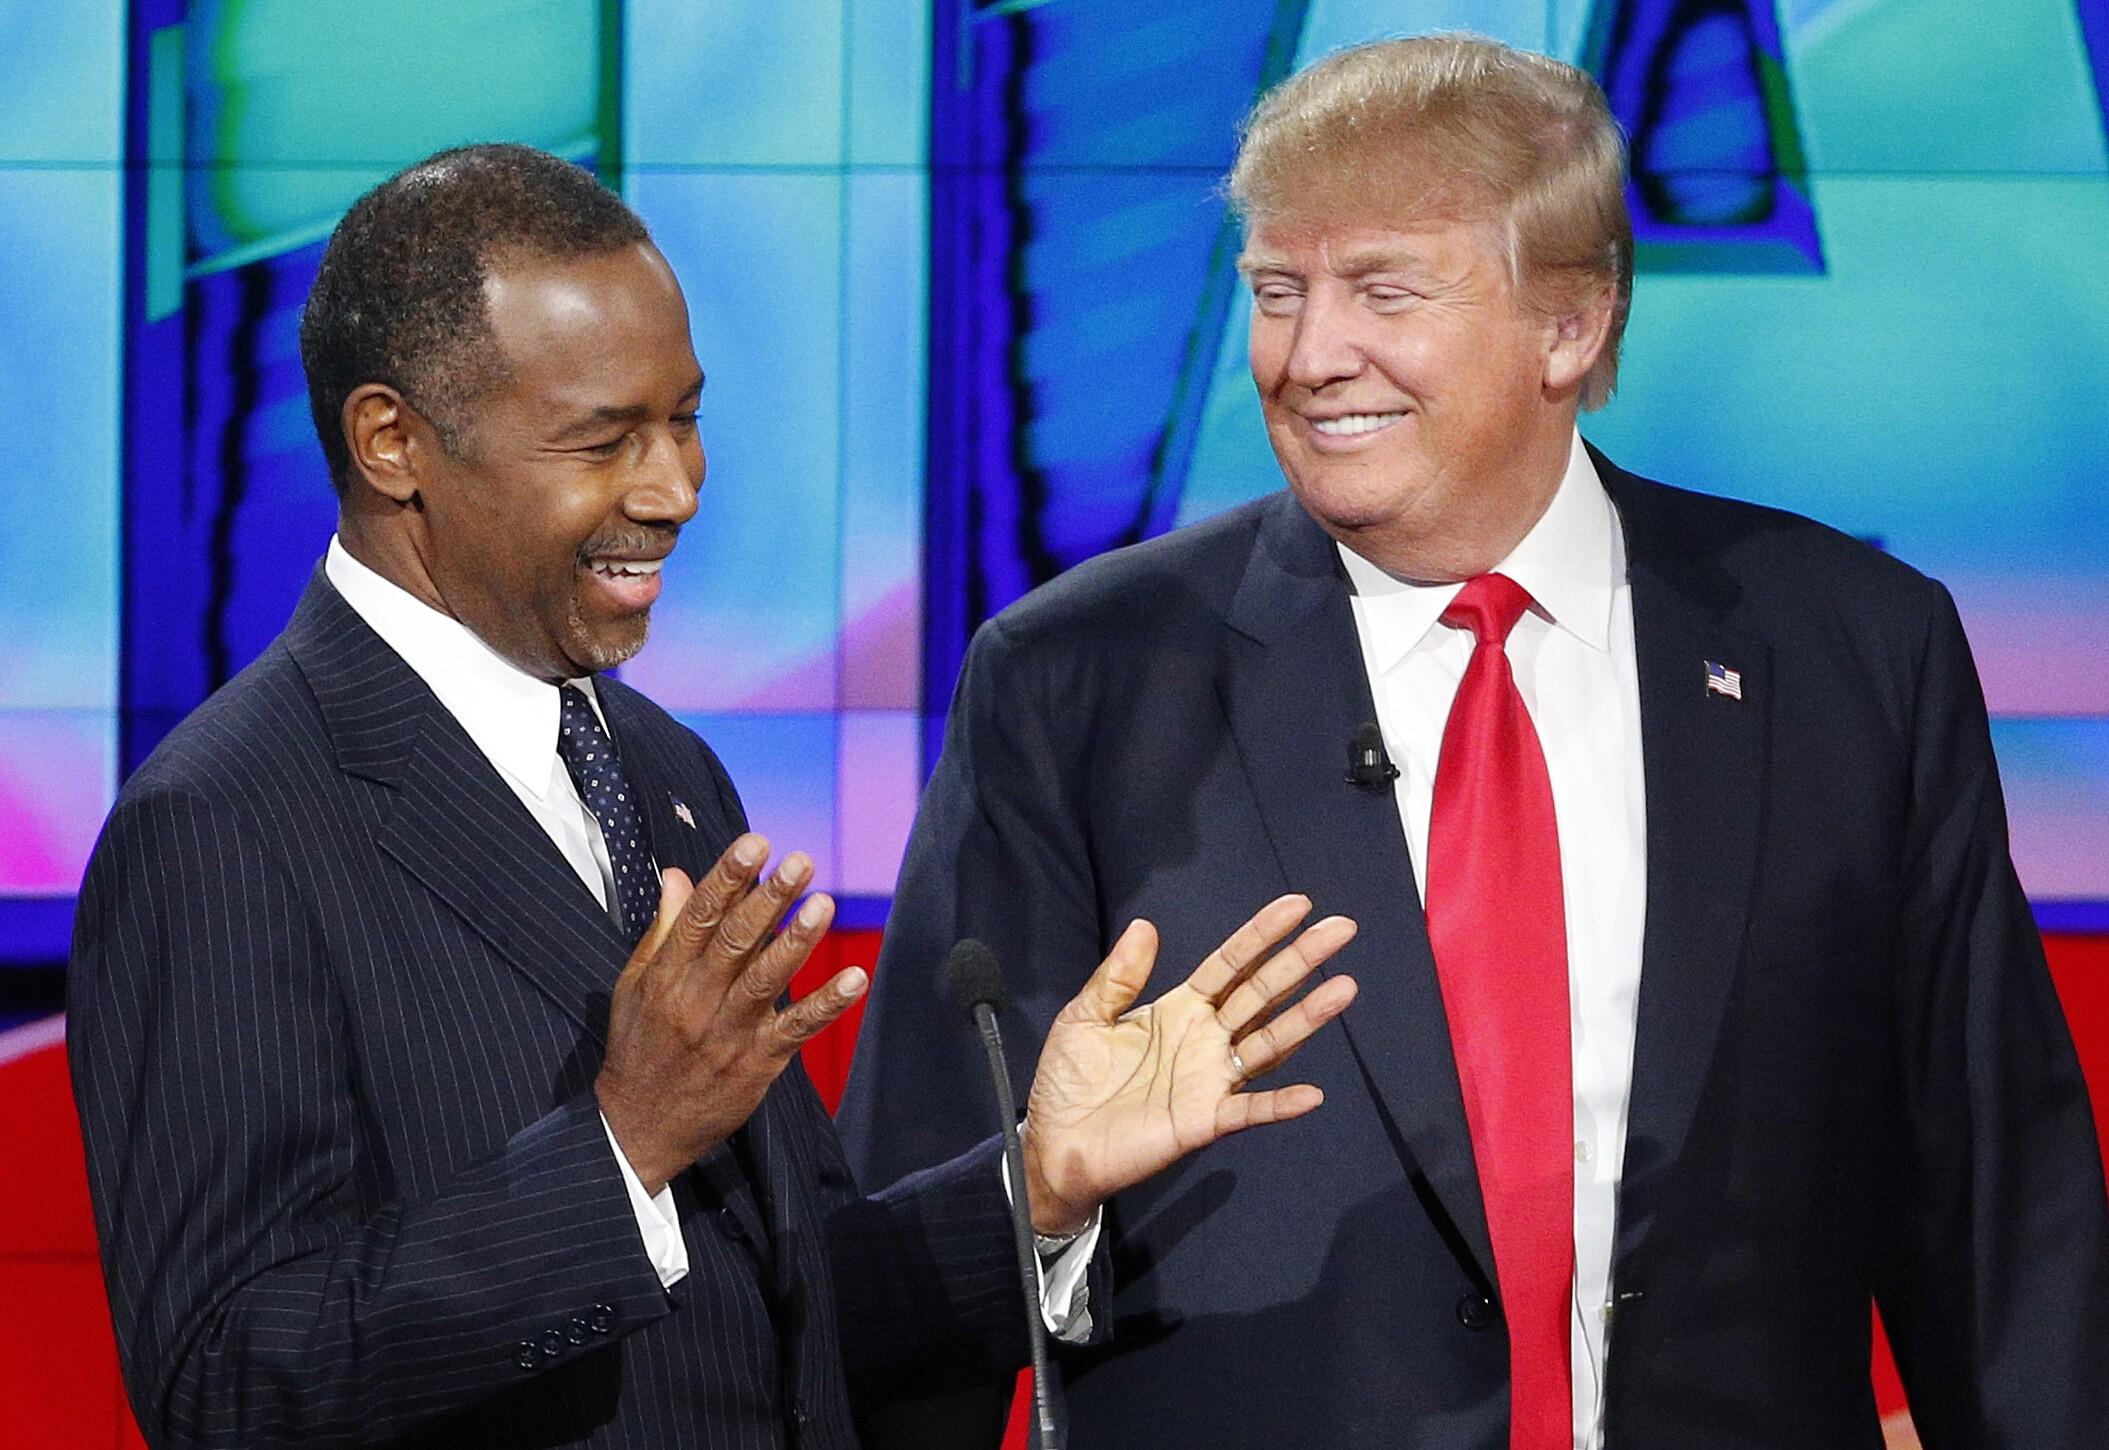 Ben Carson, Donald Trump